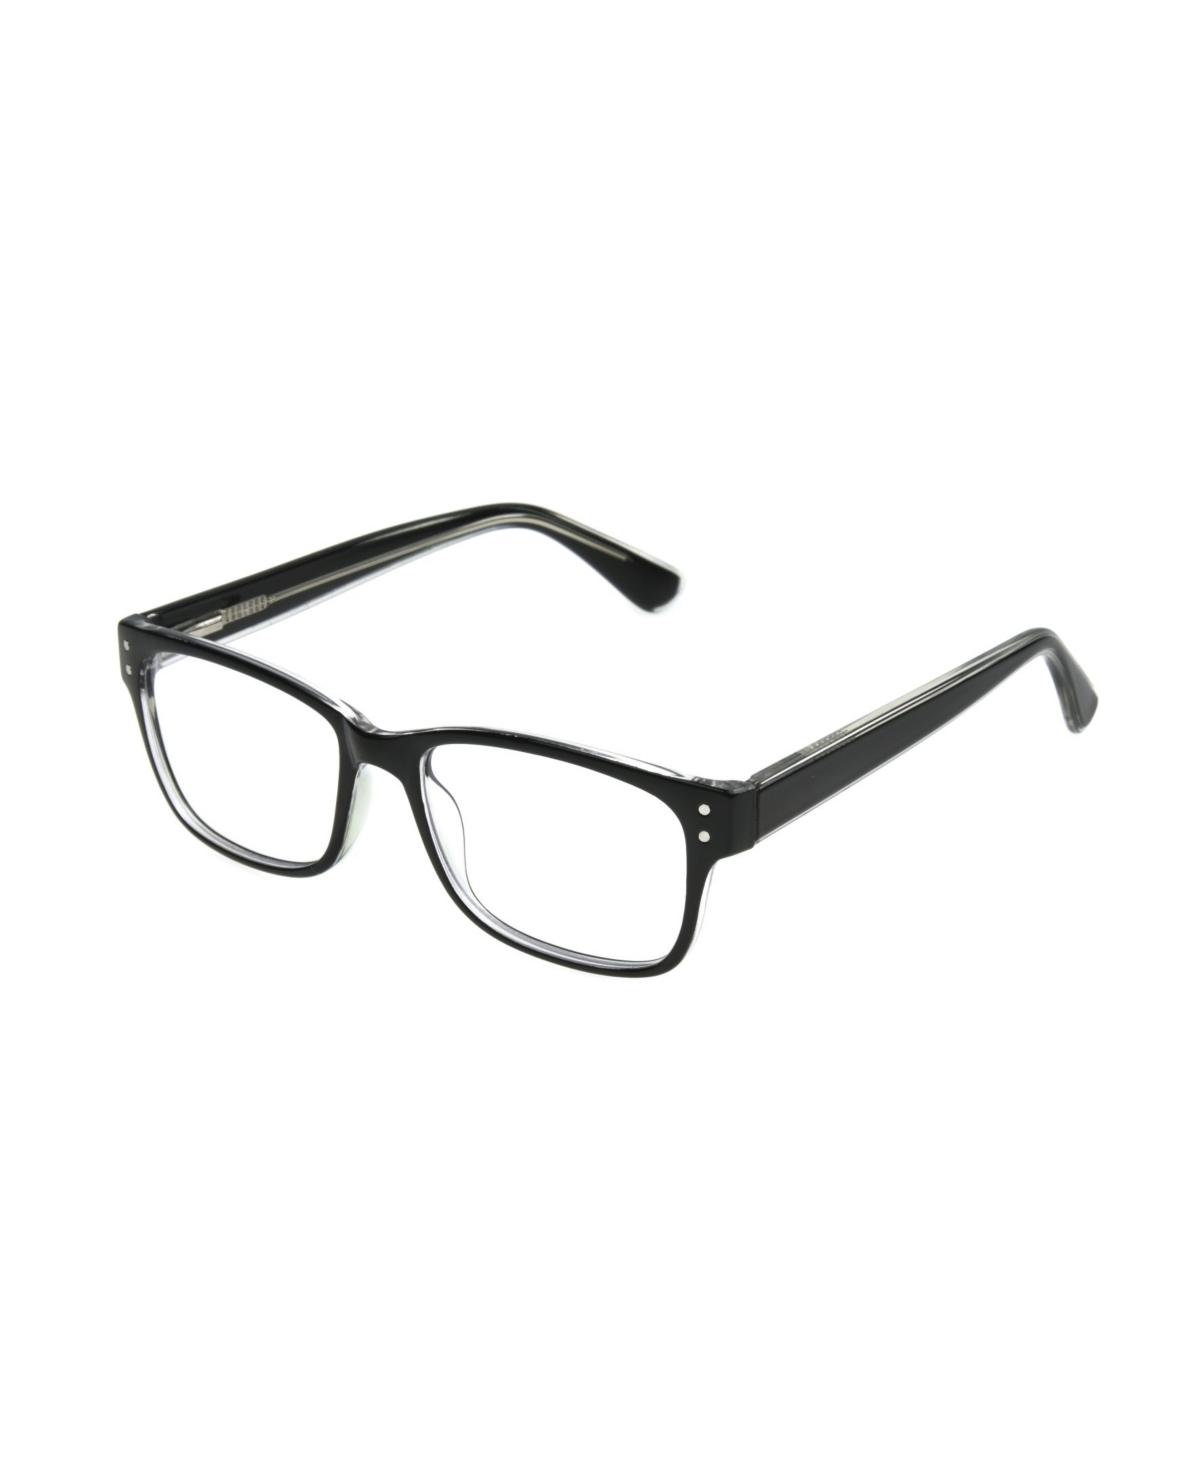 Foster Grant Tristan Men's Square Reading Glasses